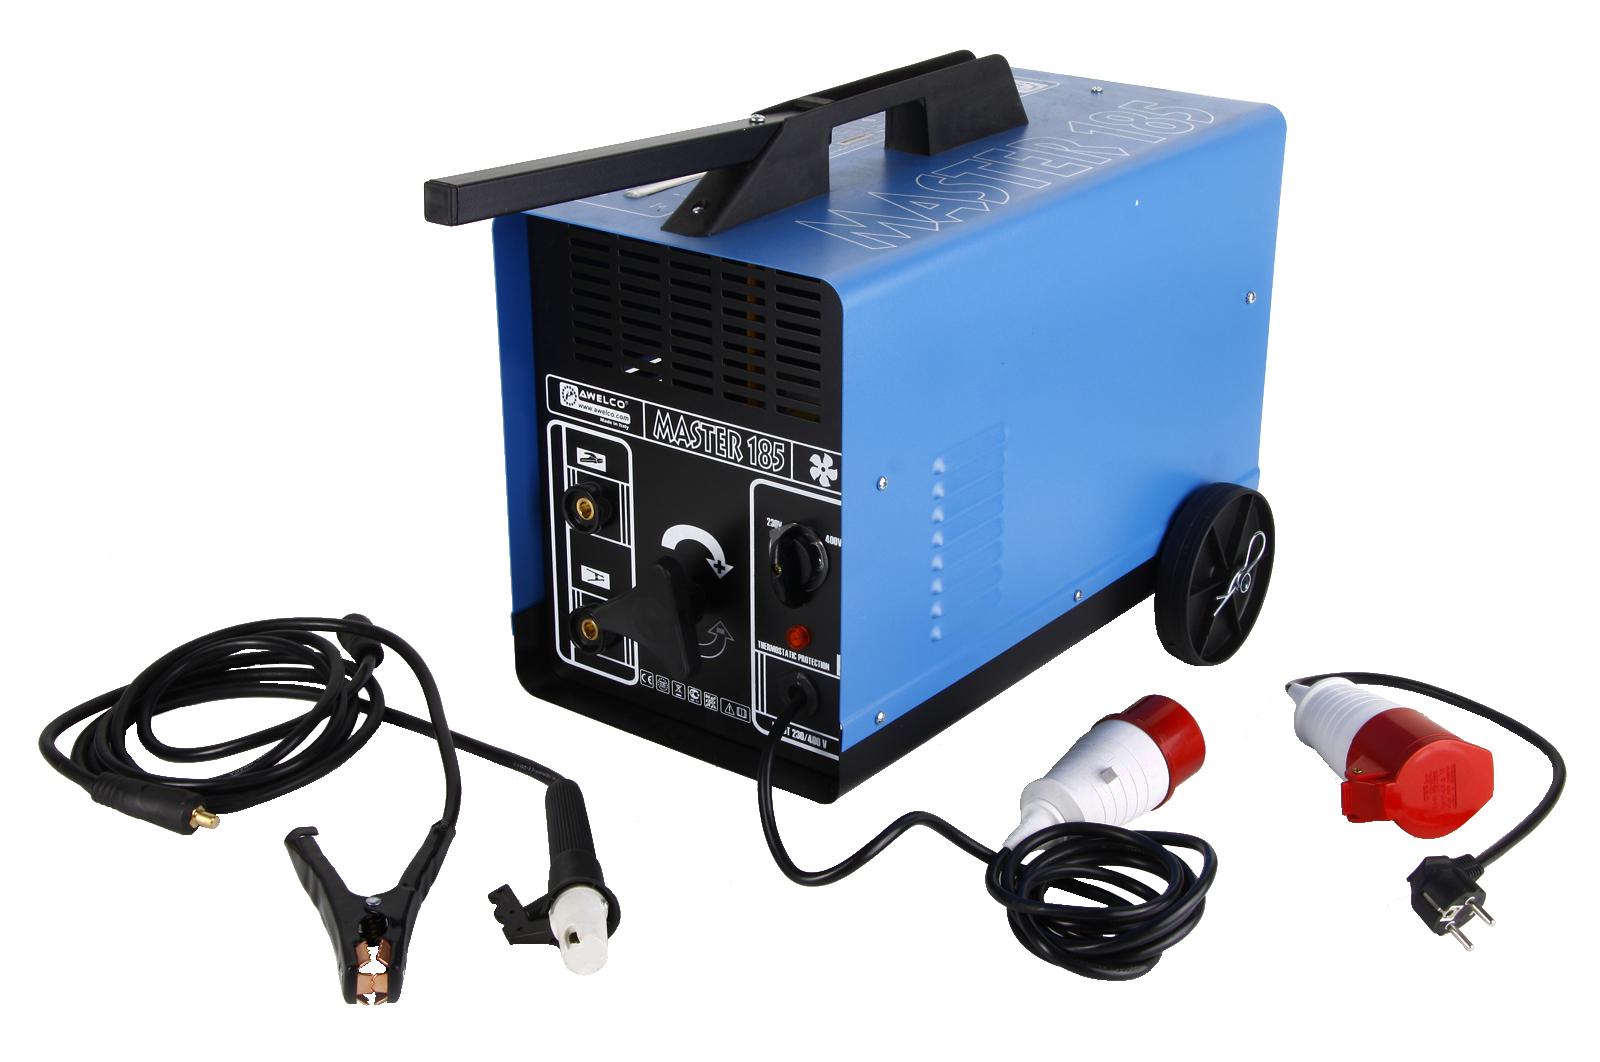 220 Вольт - Купить Сварочный трансформатор AWELCO MASTER 185 с мятой...